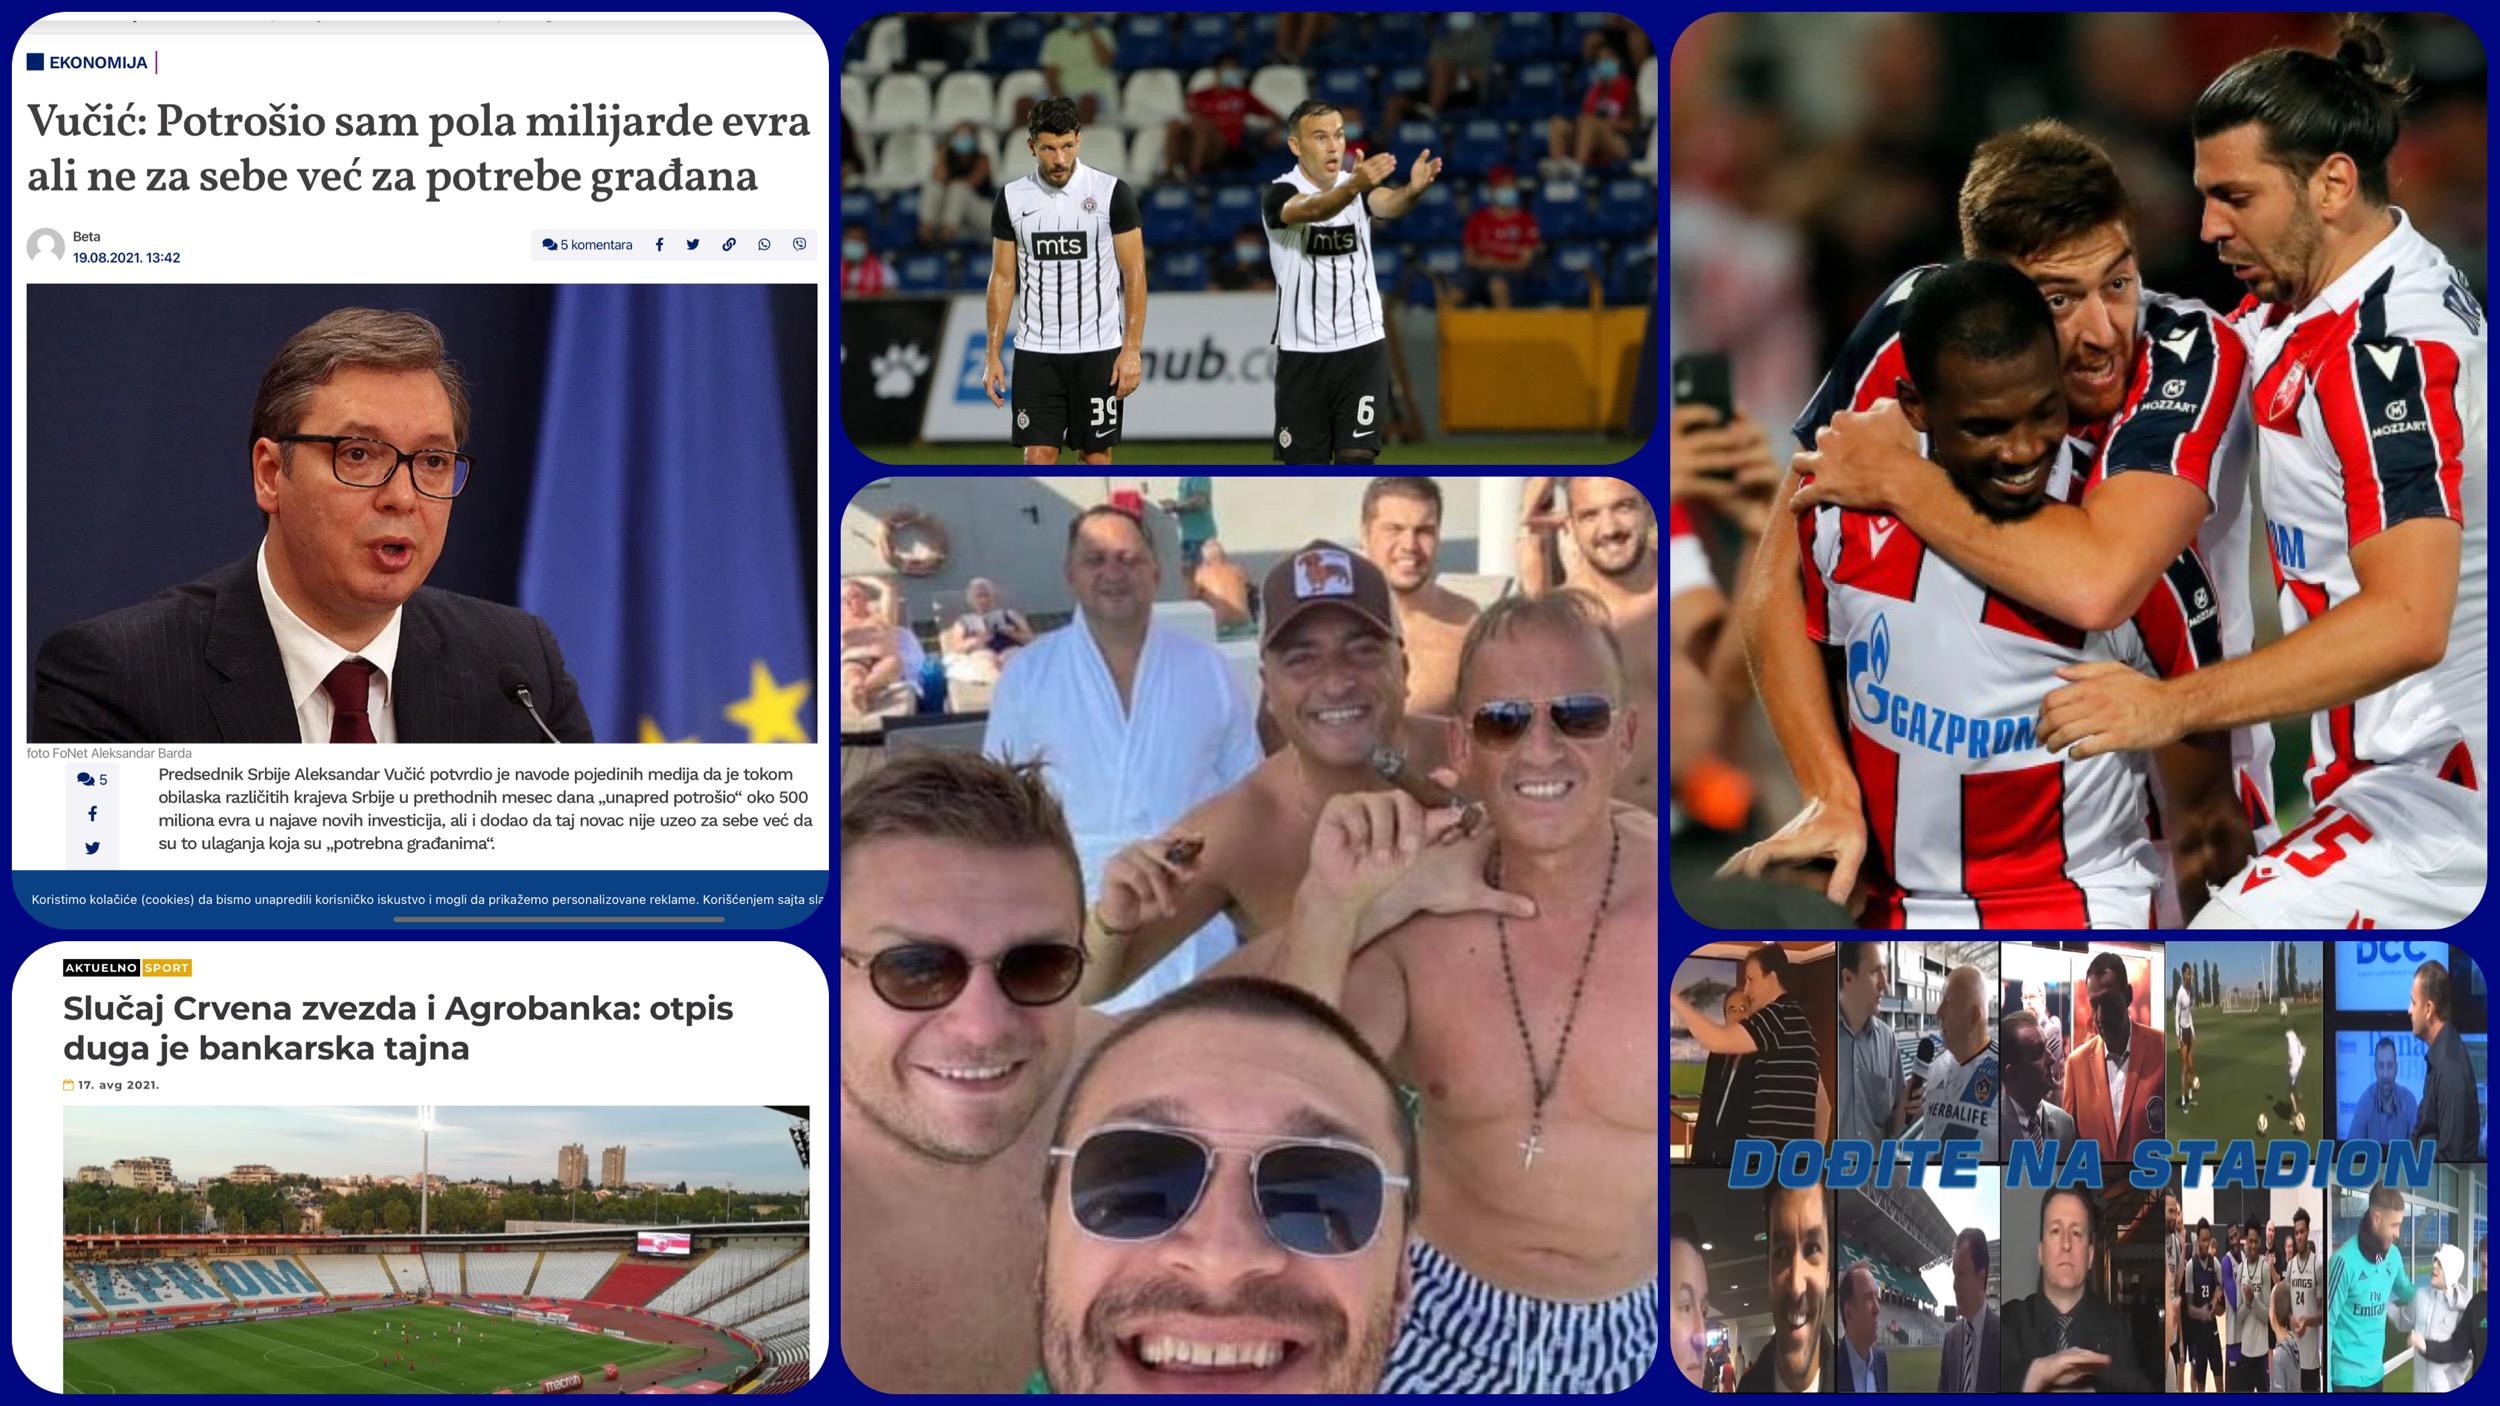 Željko Pantić: Dođite na stadion 450. Pola milijarde za slučajne prolaznike i veselje Miloša Vazure (VIDEO)